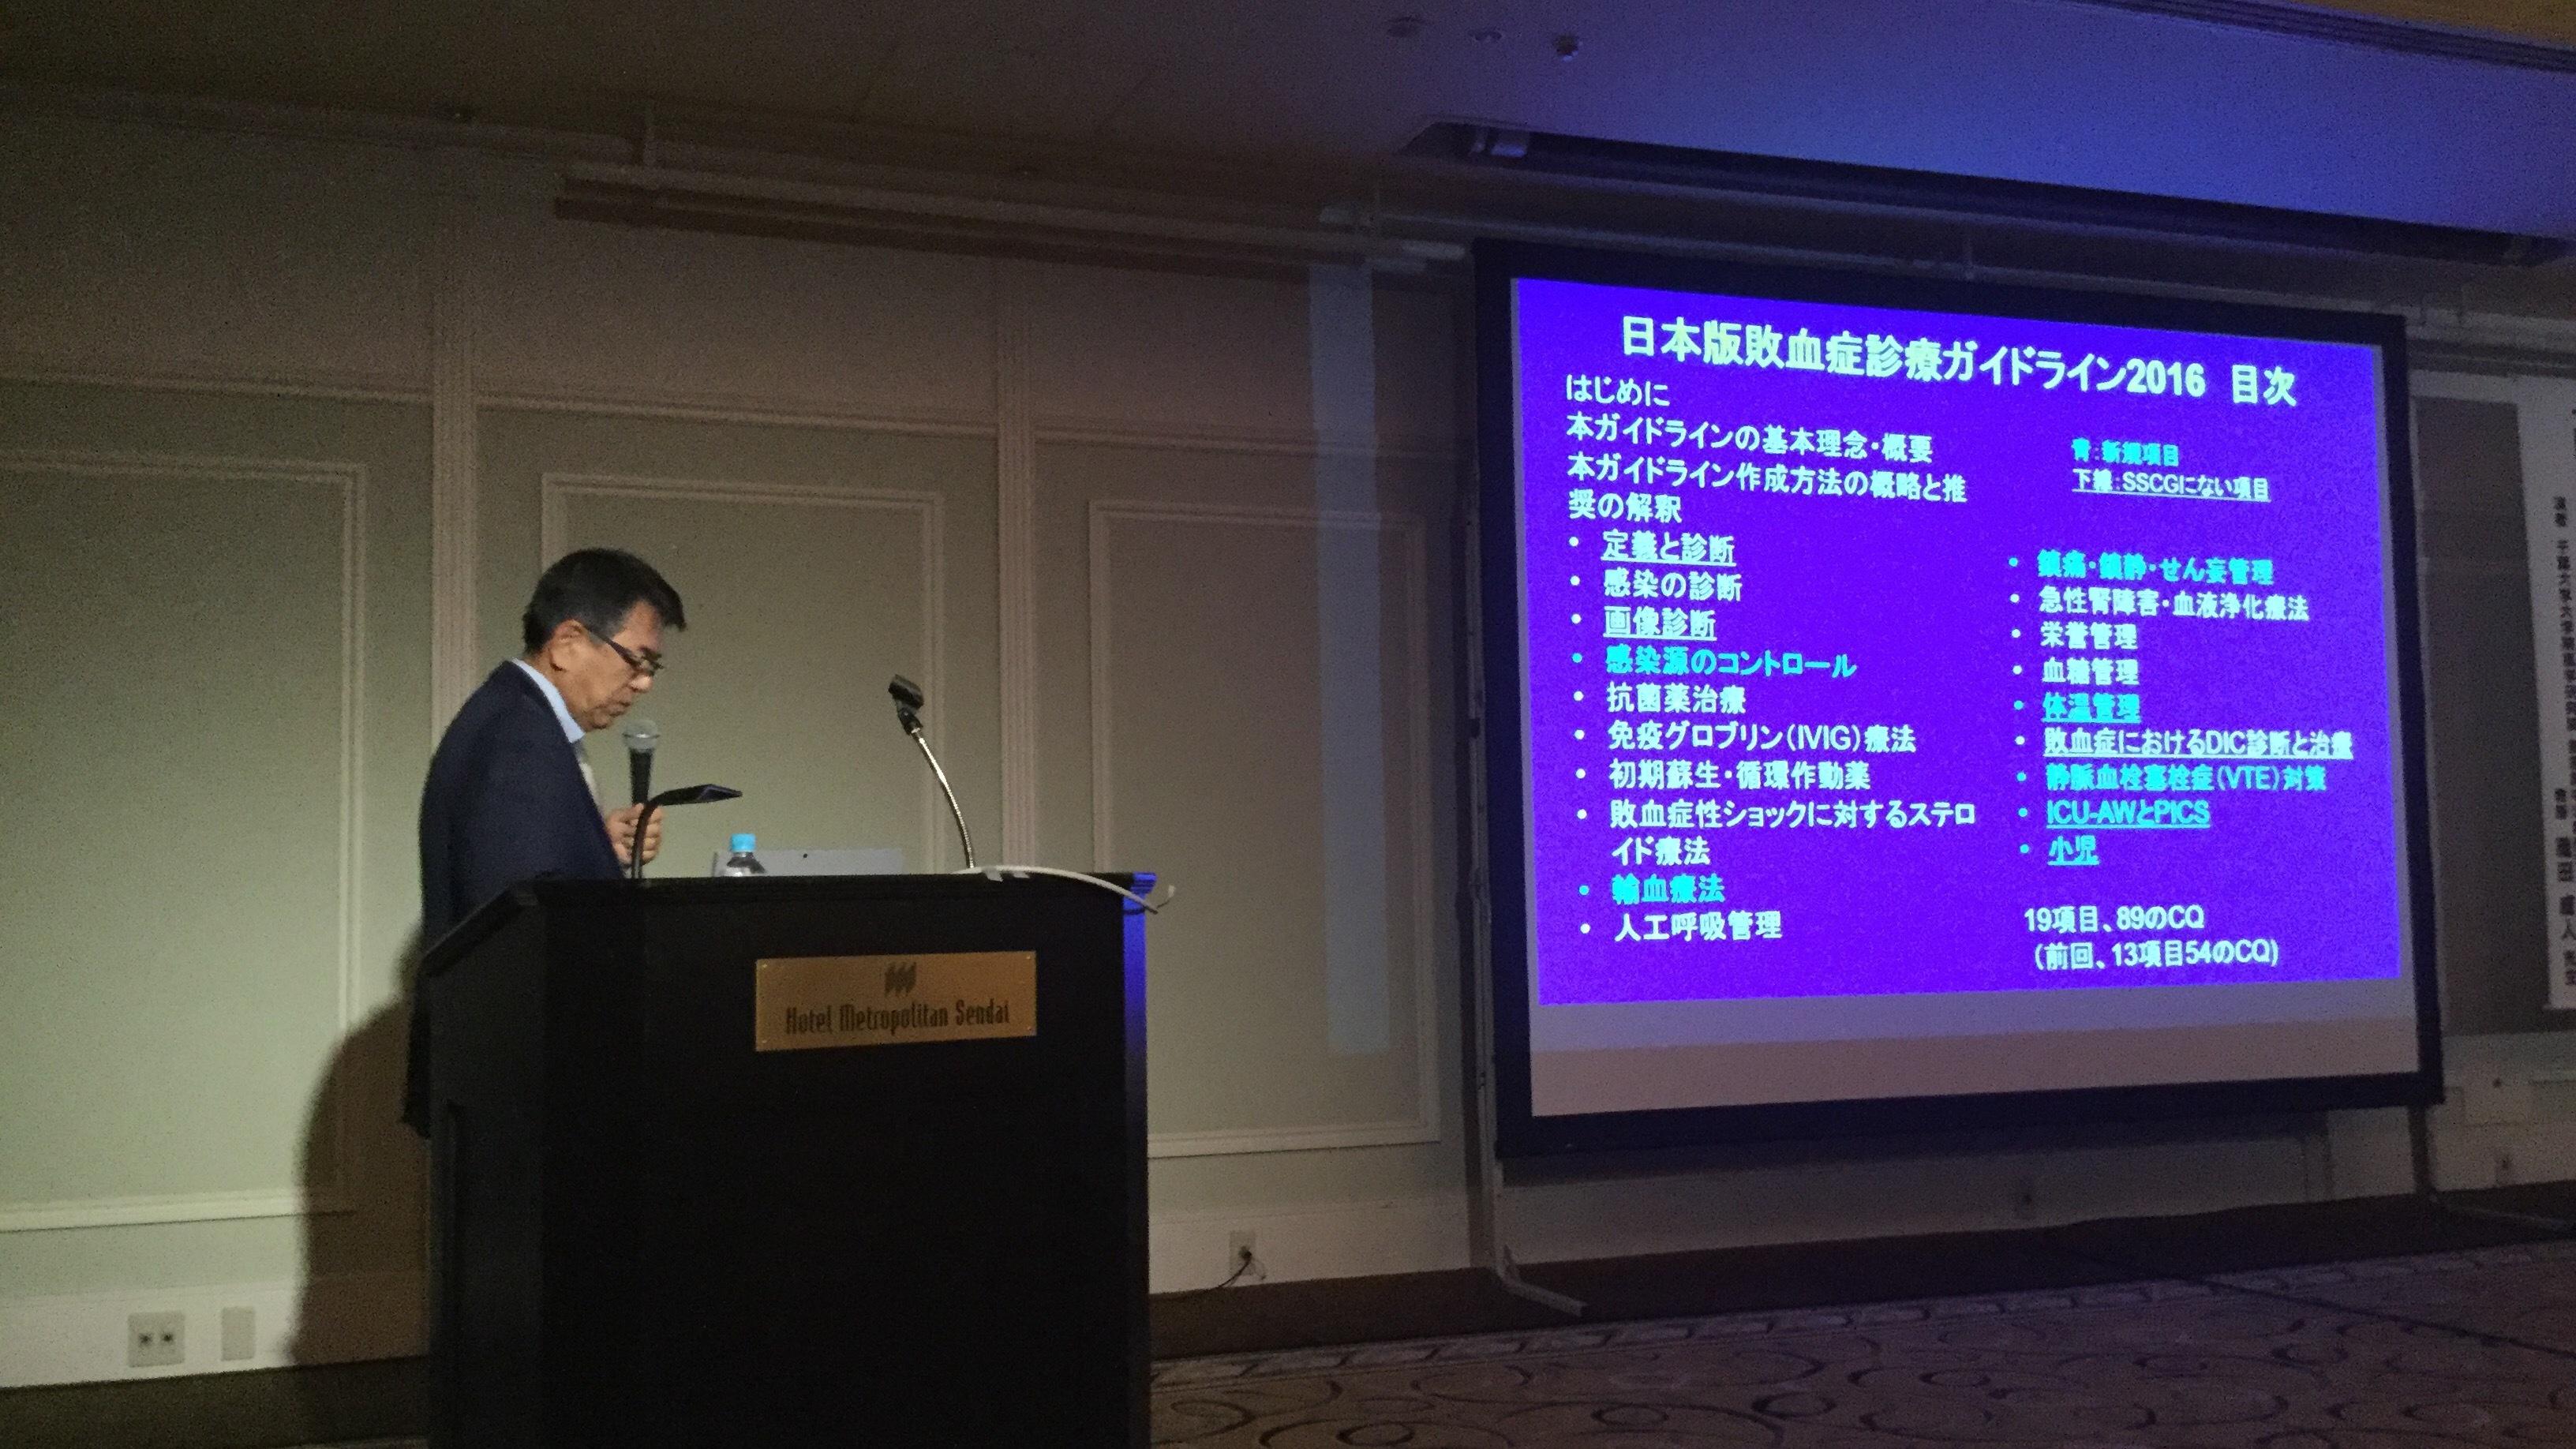 鈴木先生セプシスセミナー講演2